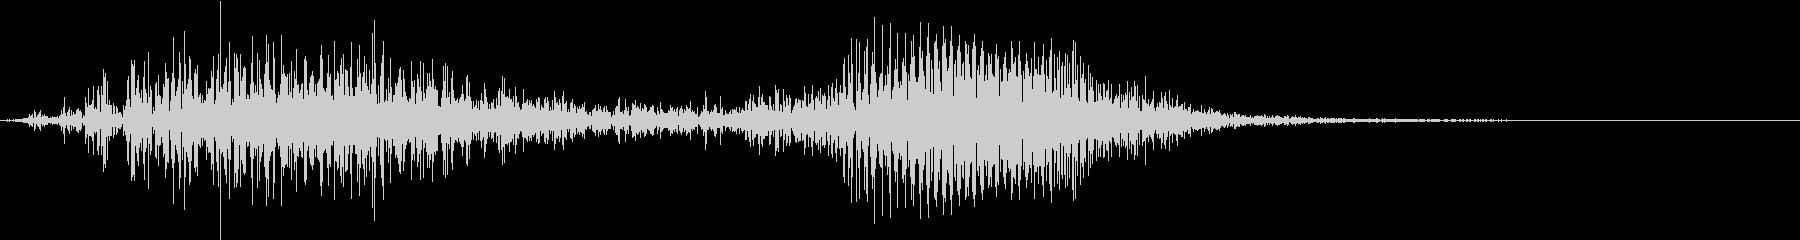 【生録音】アホ!と言っている様な鳥の声の未再生の波形